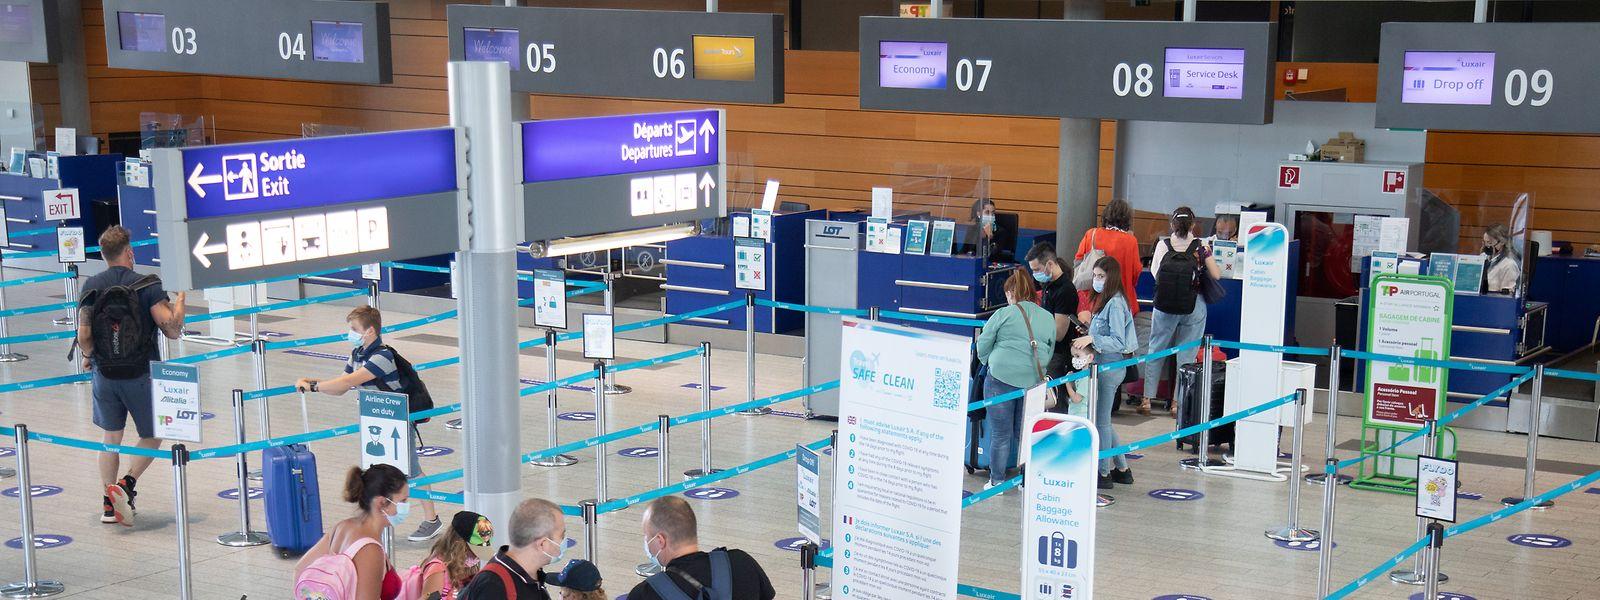 La mise en conformité de l'aéroport du Findel avec le règlement européen s'avère aujourd'hui «conforme et opérationnelle», alors que pourtant, la pandémie du coronavirus avait entraîné le report à 2021 de l'échéance initialement prévue pour septembre 2020.